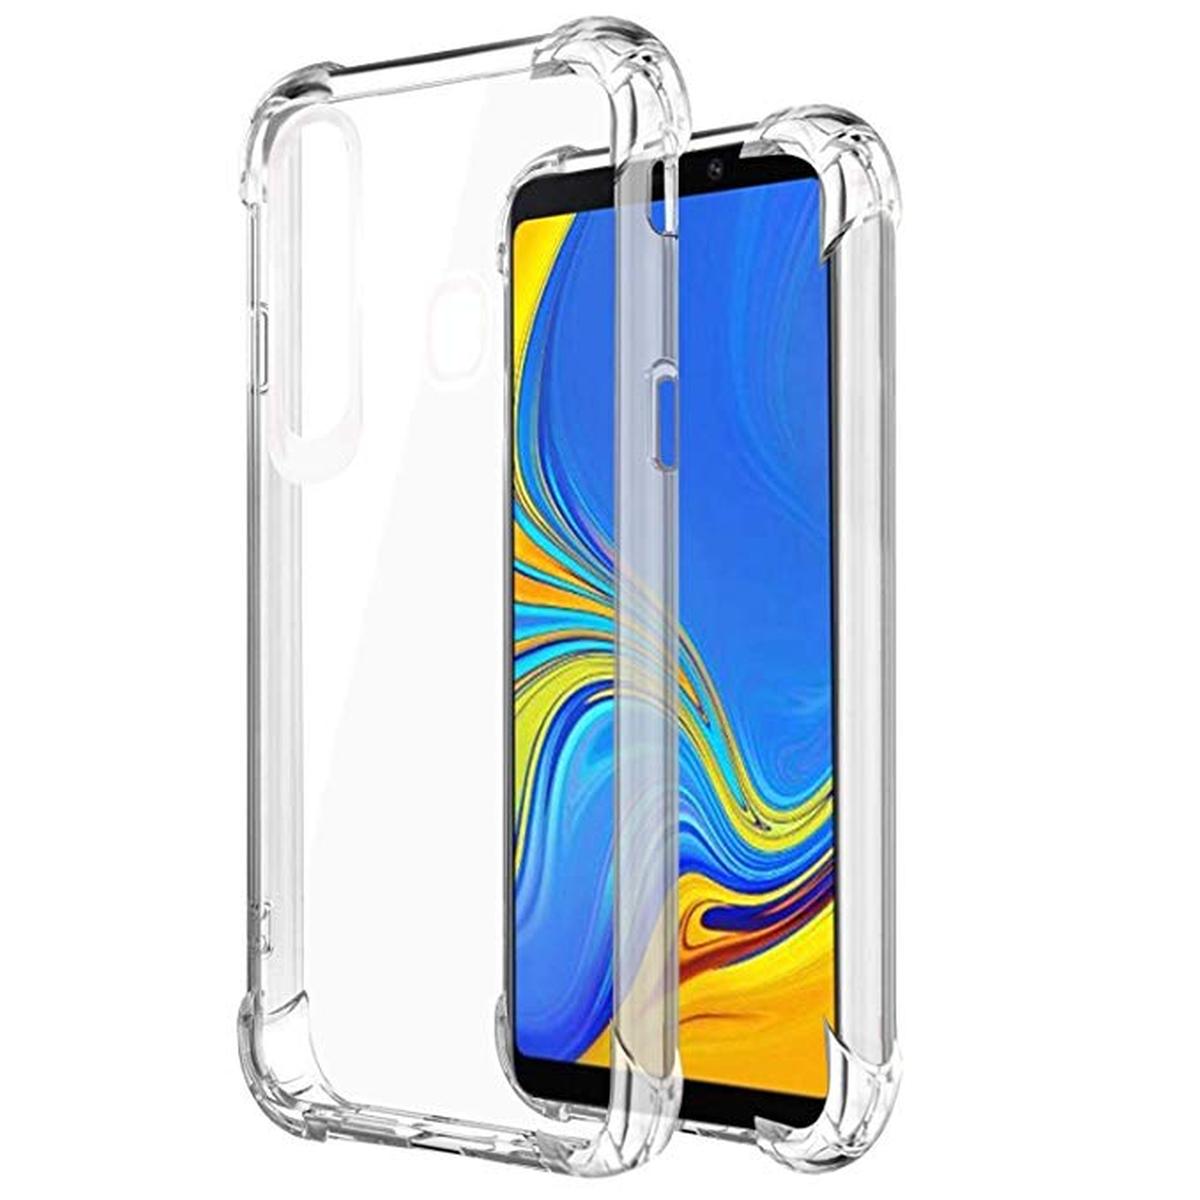 Samsung-Galaxy-A9-clear-case